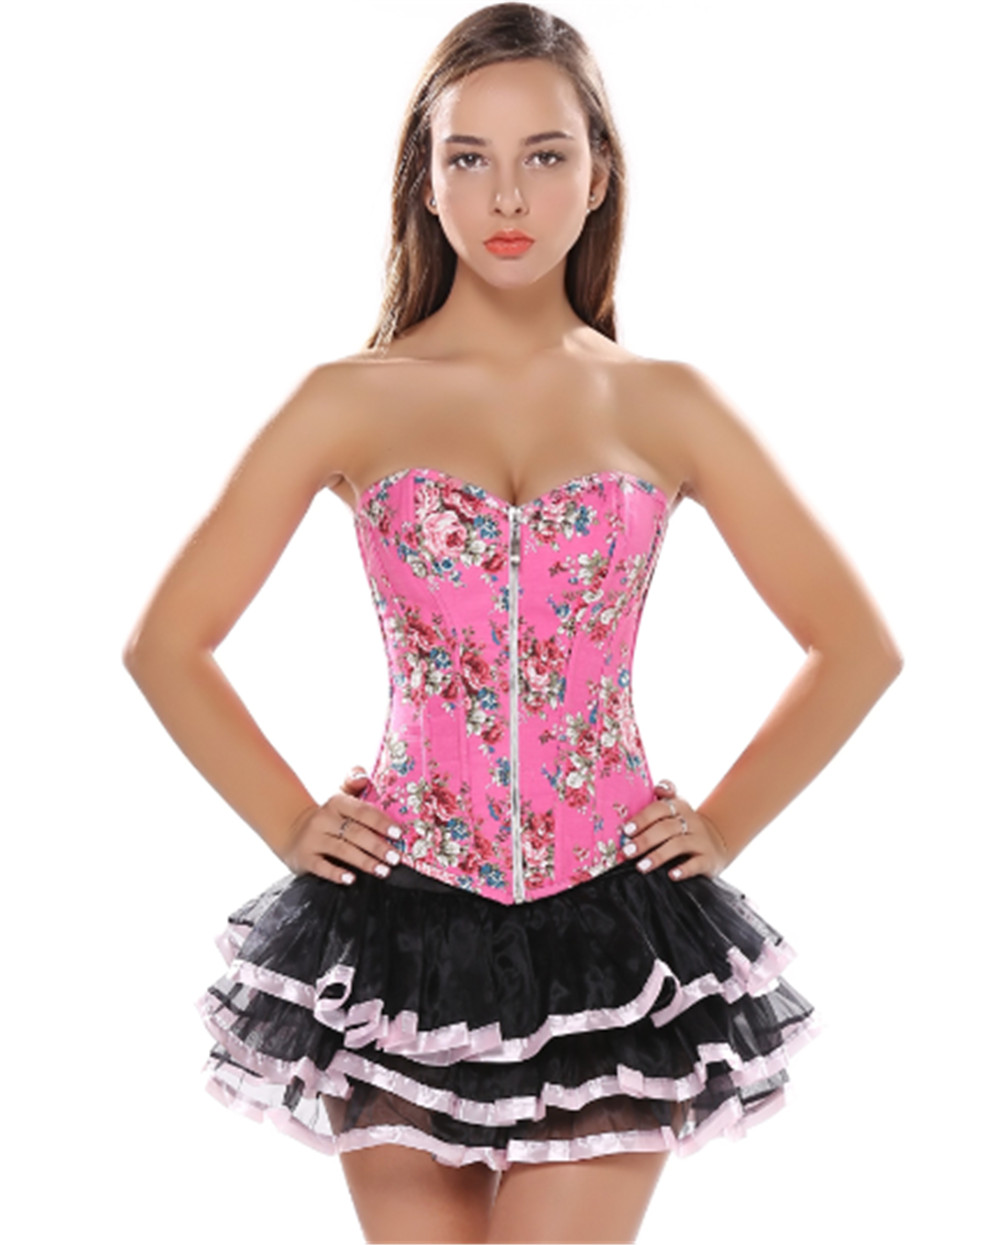 Moderno Baile Vestido De Corsé Foto - Colección de Vestidos de Boda ...